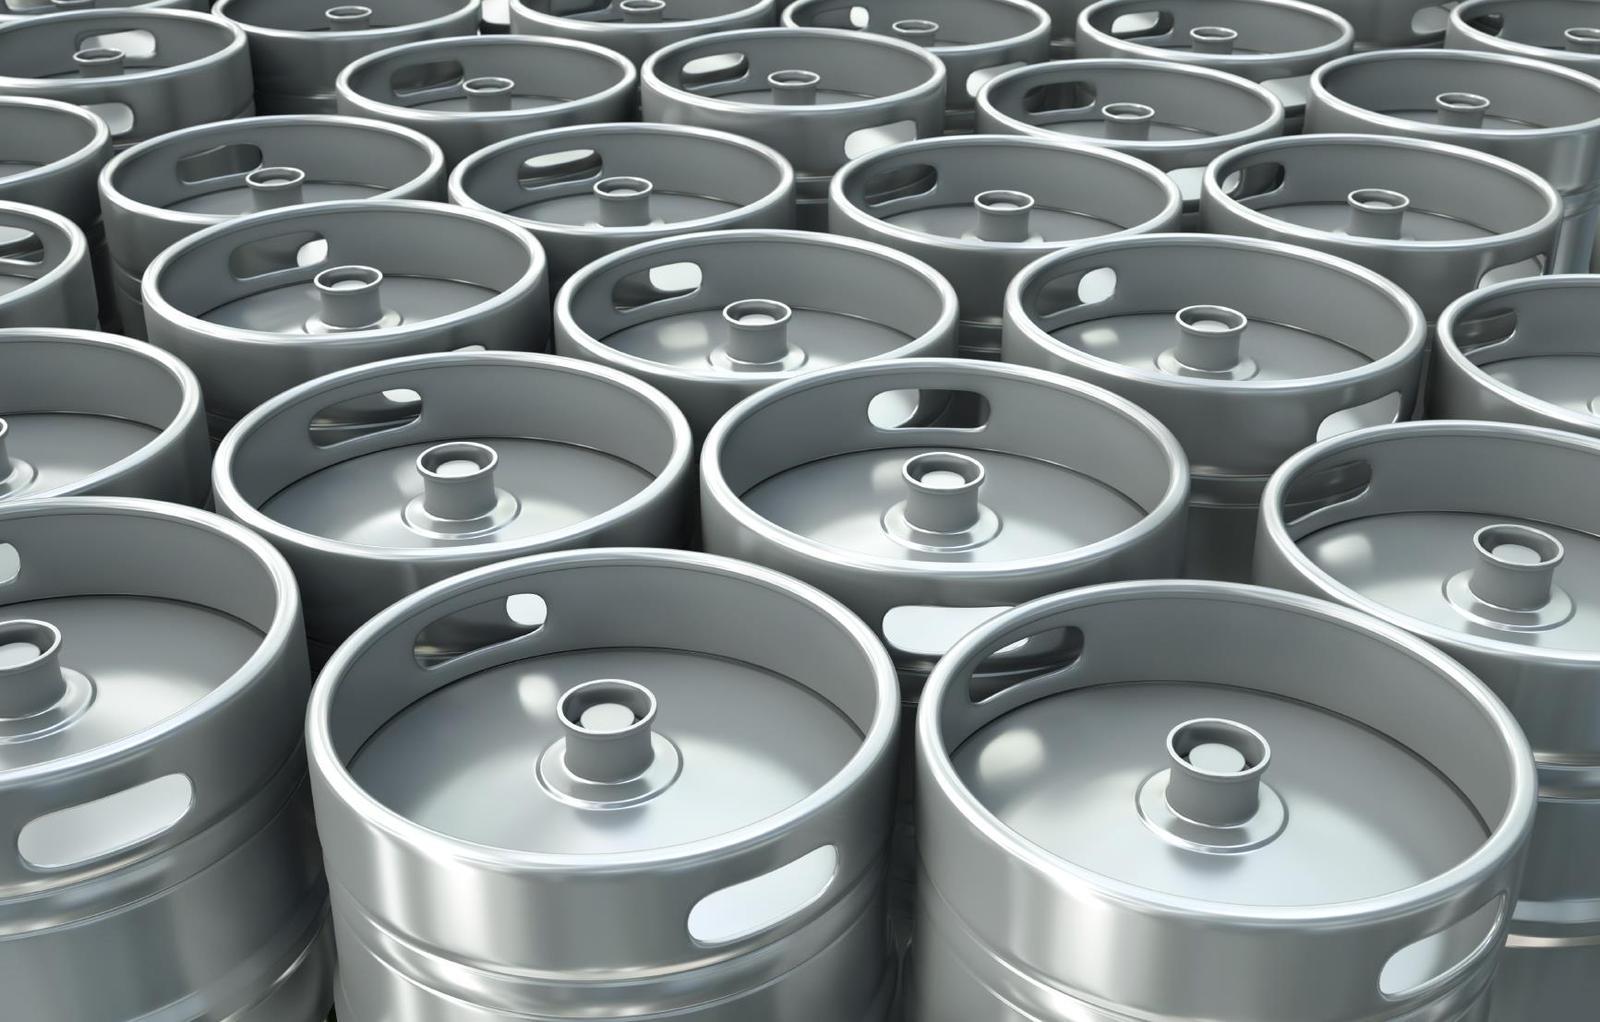 Металлические кеги на 9 млн тенге украл водитель пивной компании в ВКО